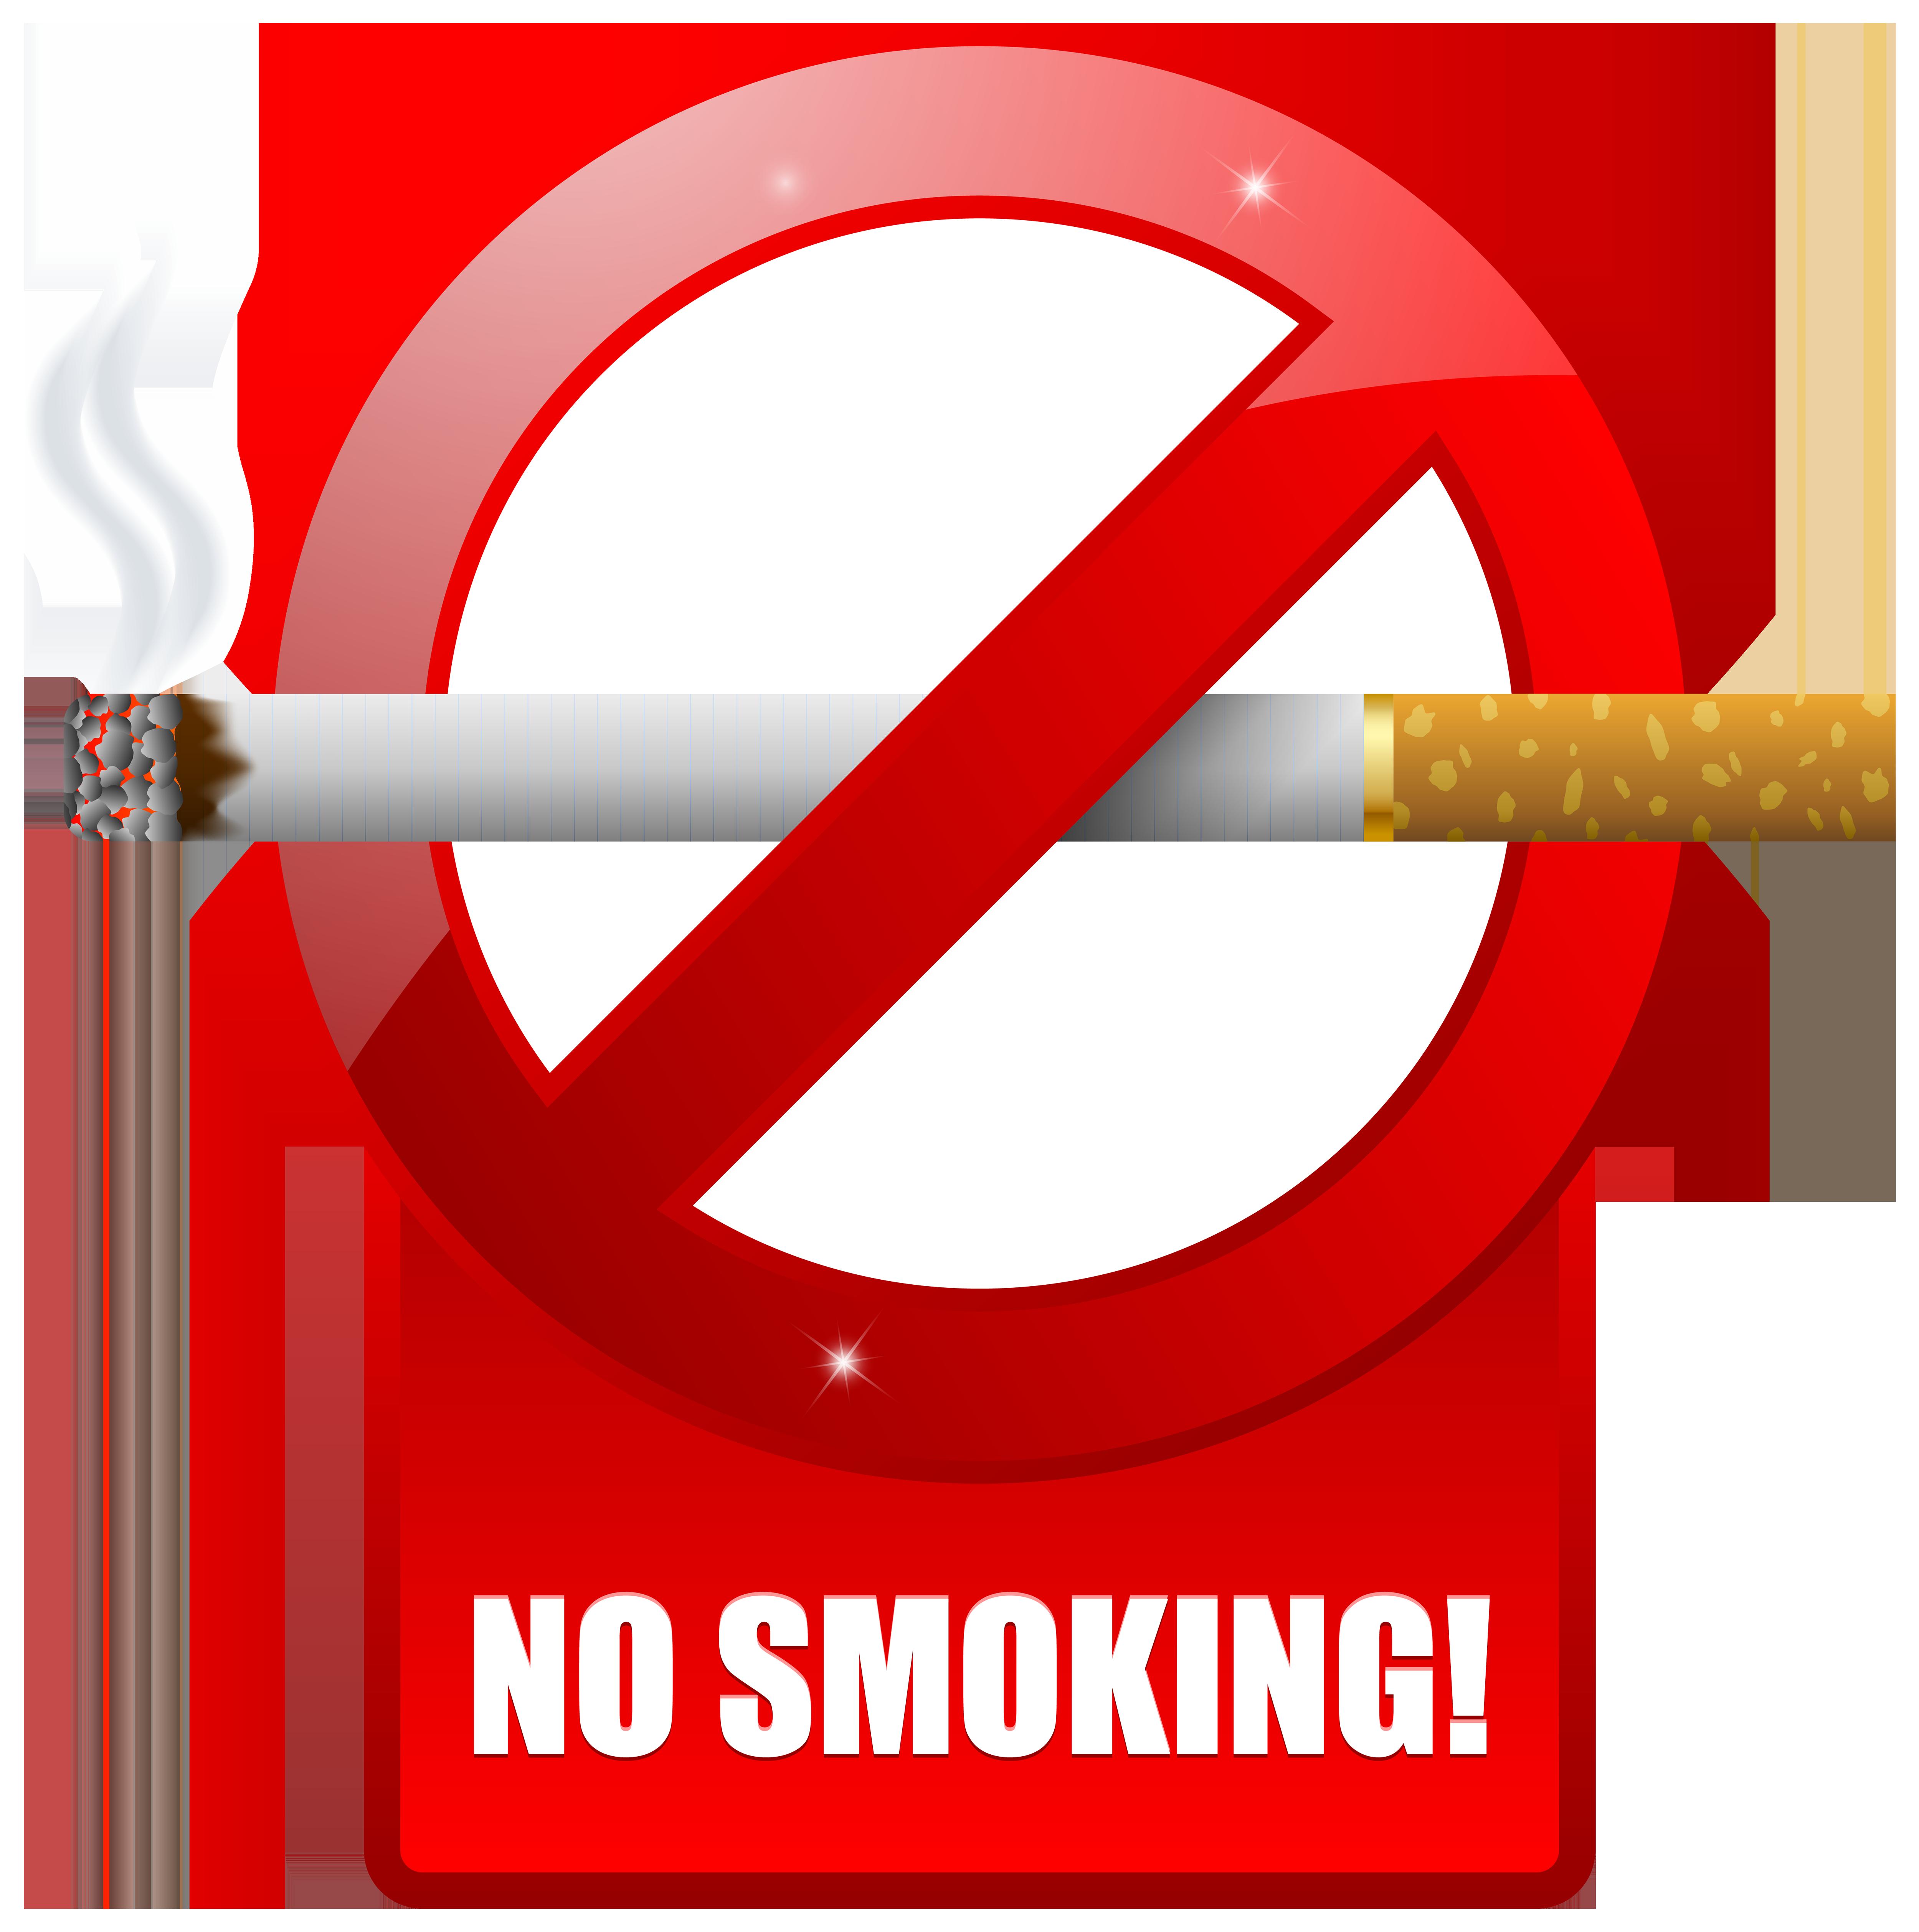 No Smoking PNG Warning Images, No Cigarette Smoking Clipart.